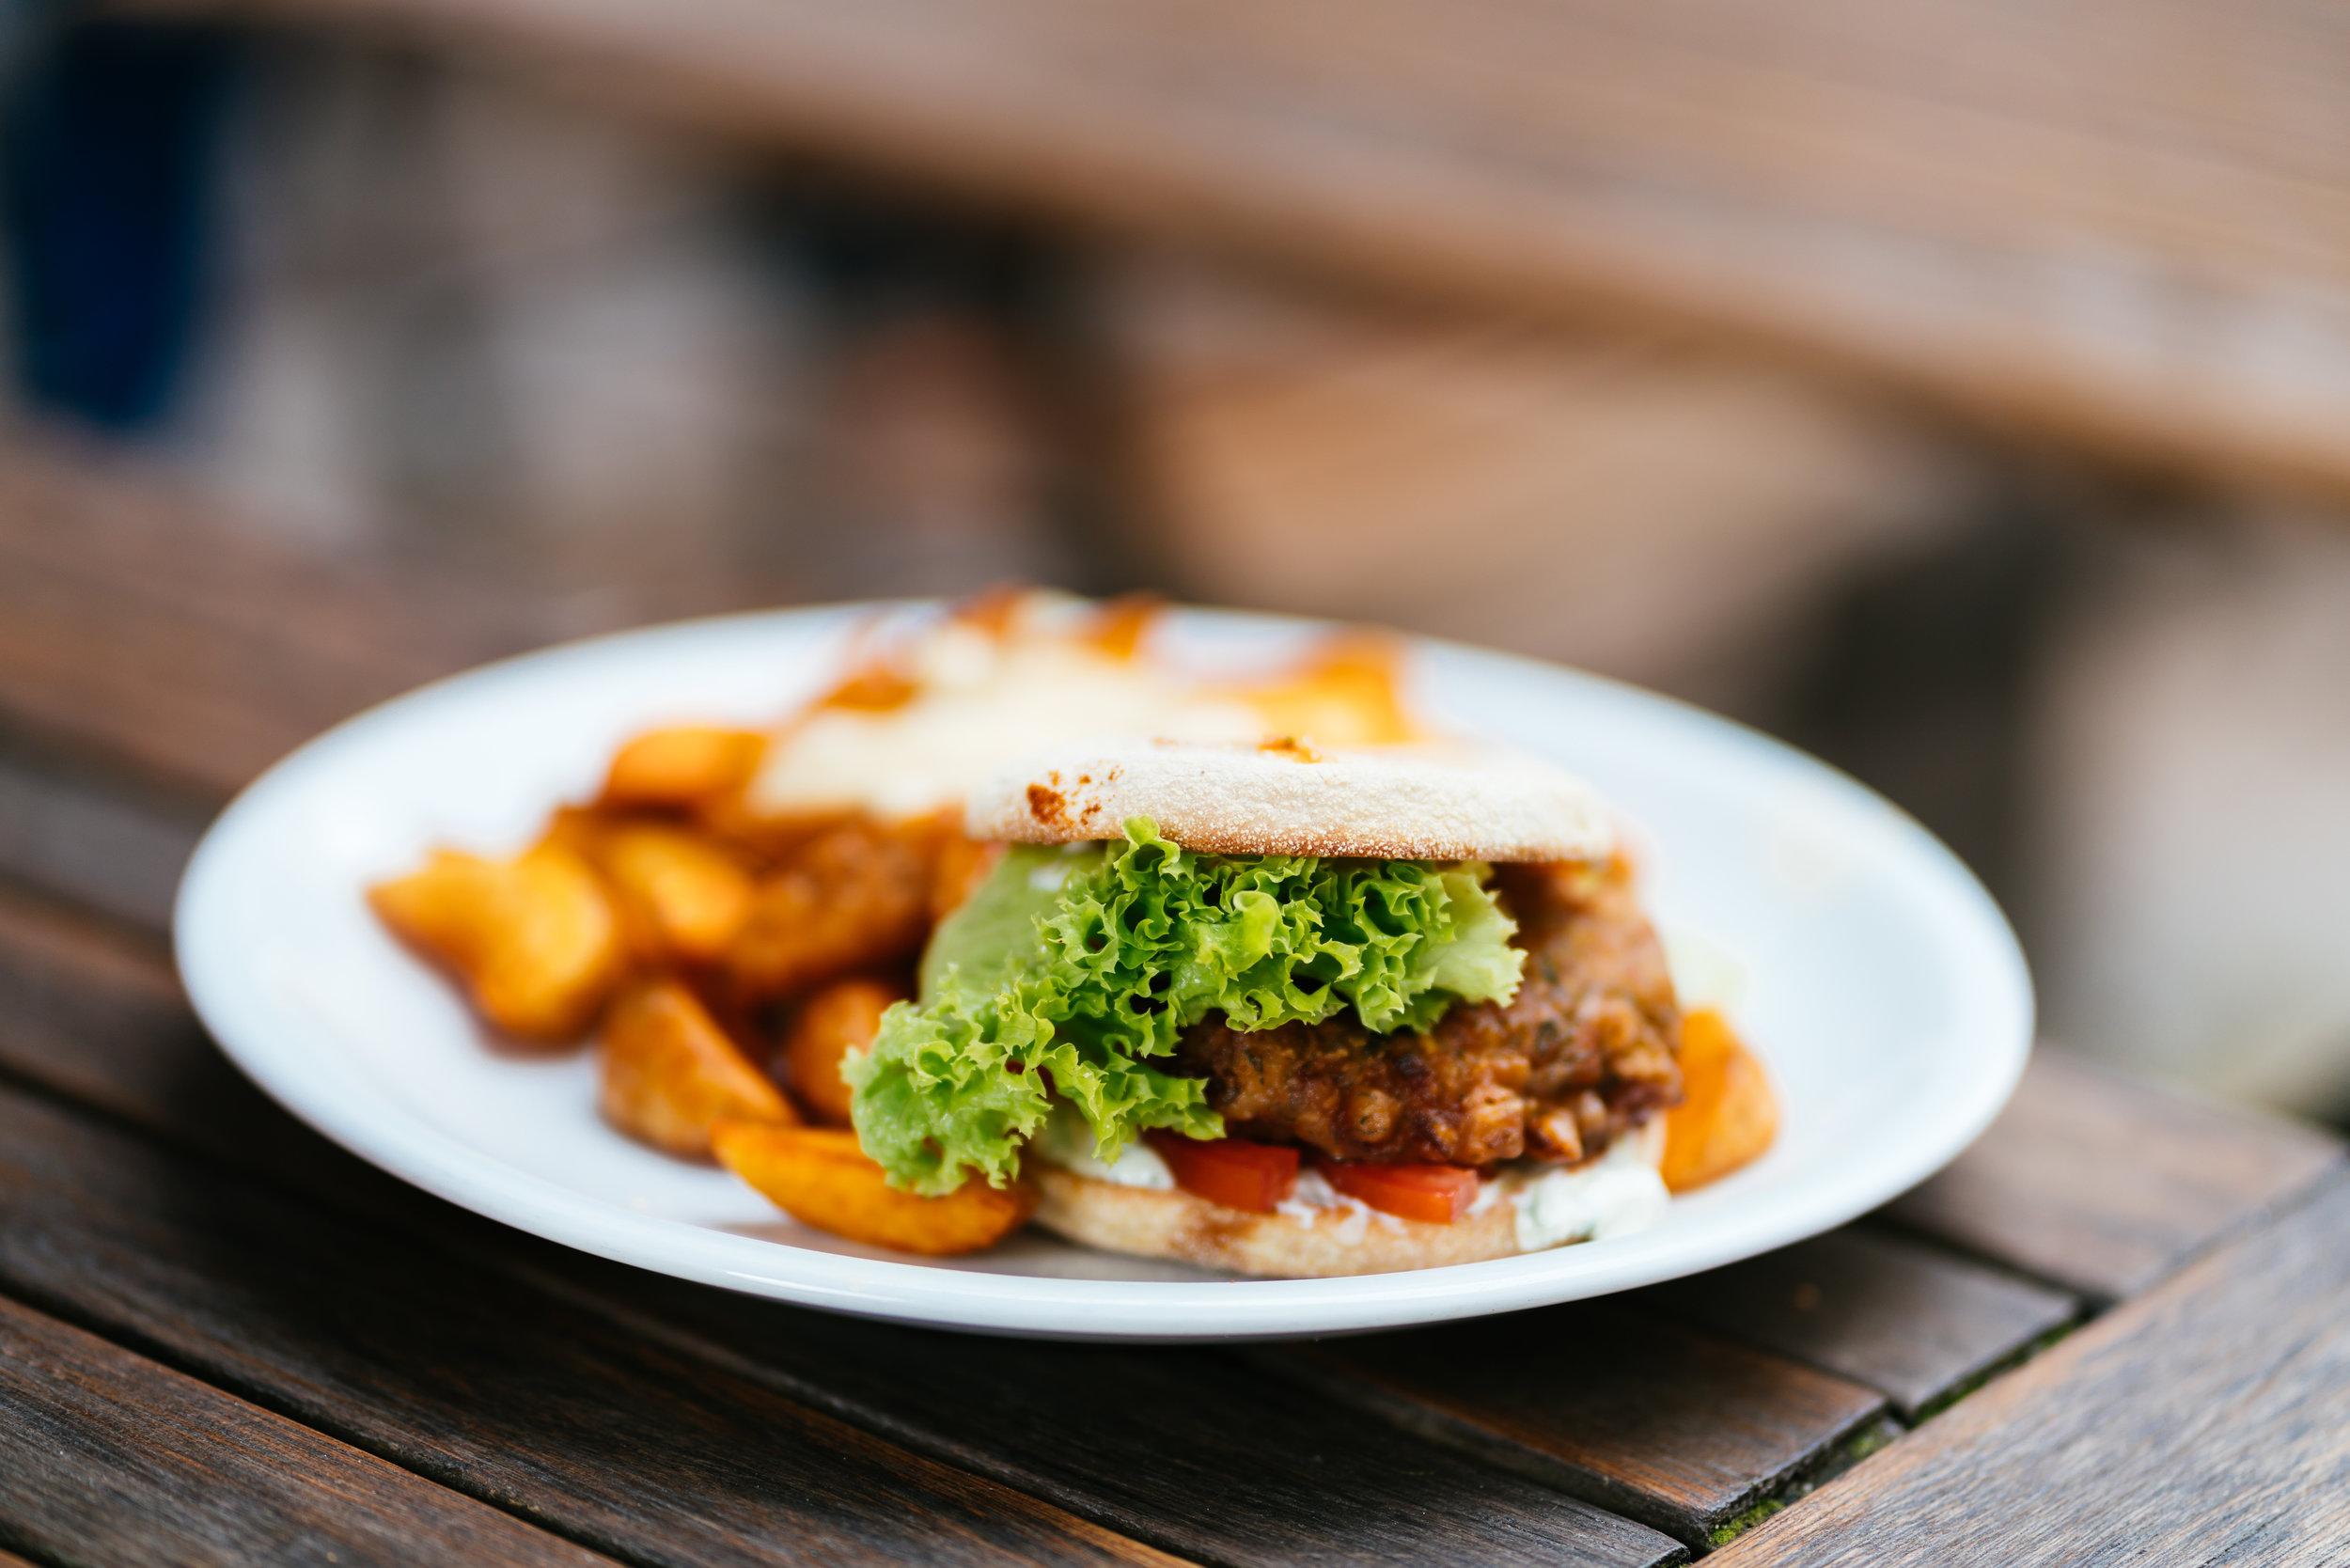 Versucht erst gar nicht, Fleisch zu imitieren, sondern ist lecker auf seine eigene Art und Weise: Der famose Zucchini–Burger!